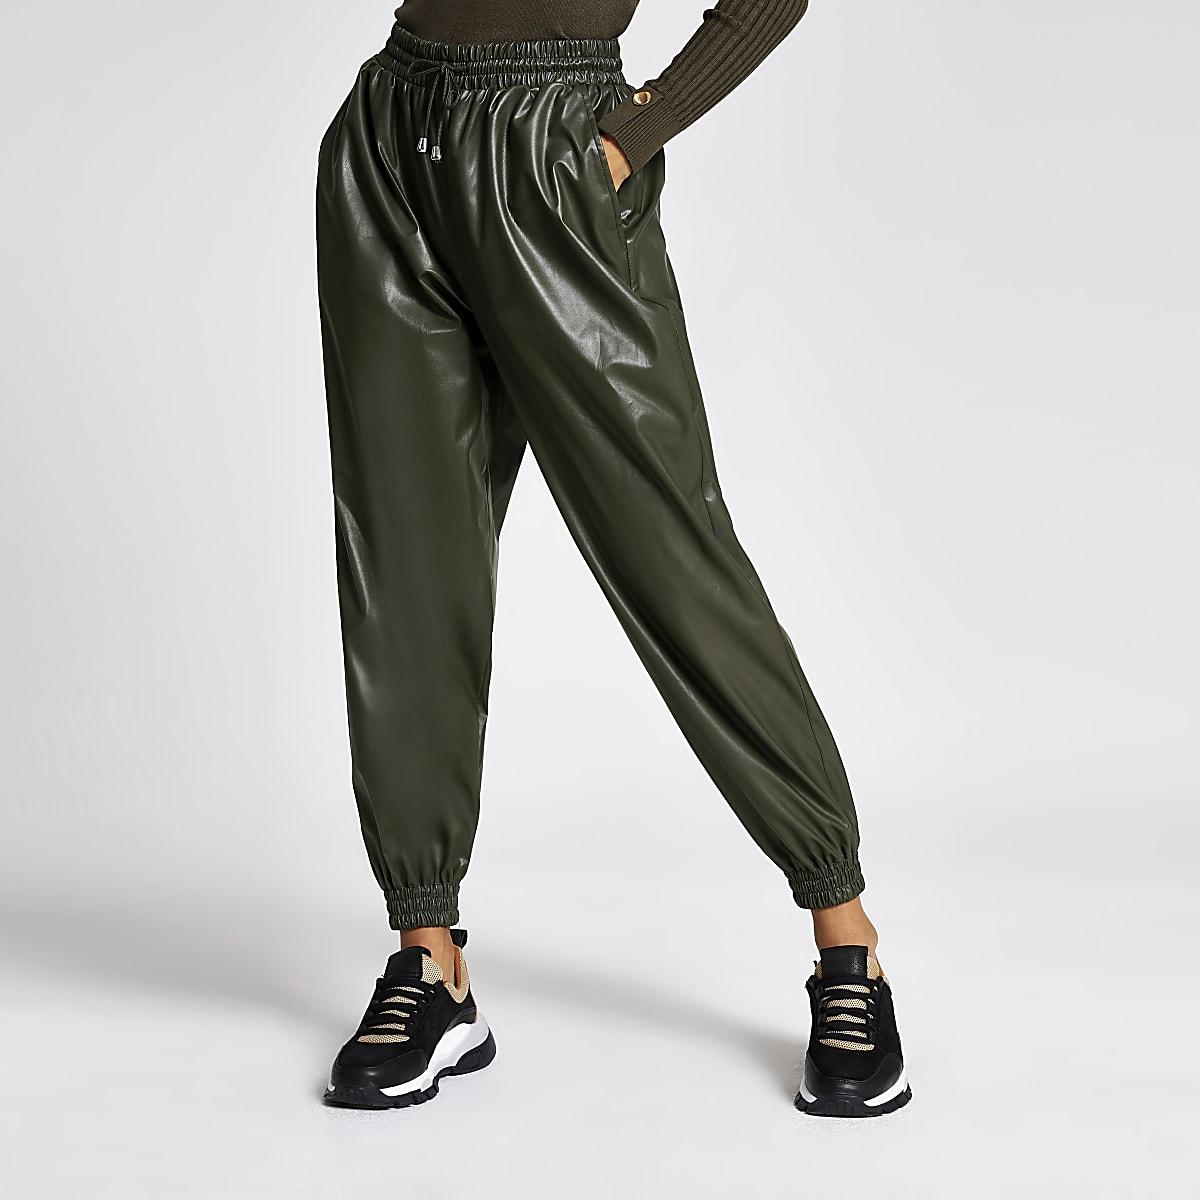 Petite khaki faux leather joggers